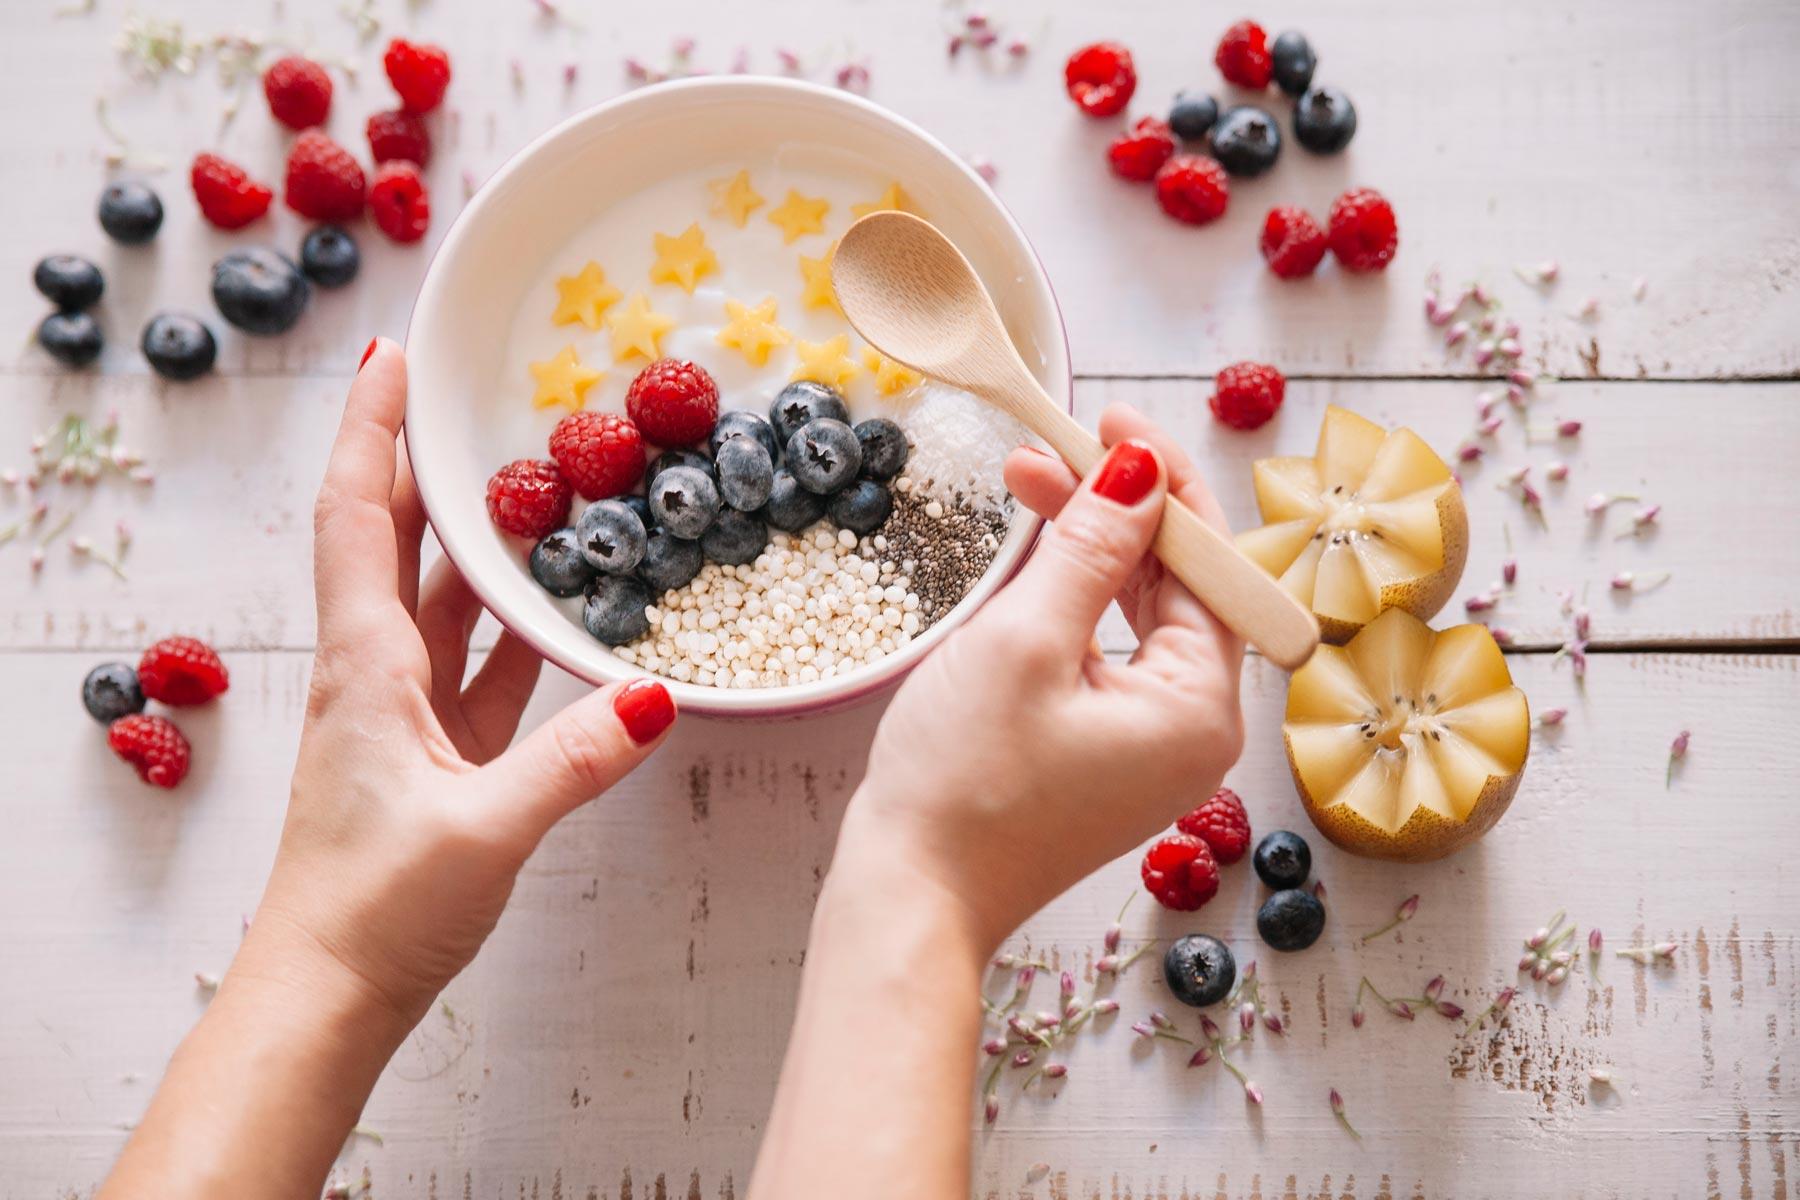 kaiku-sin-lactosa-como-hacer-buenas-foodies